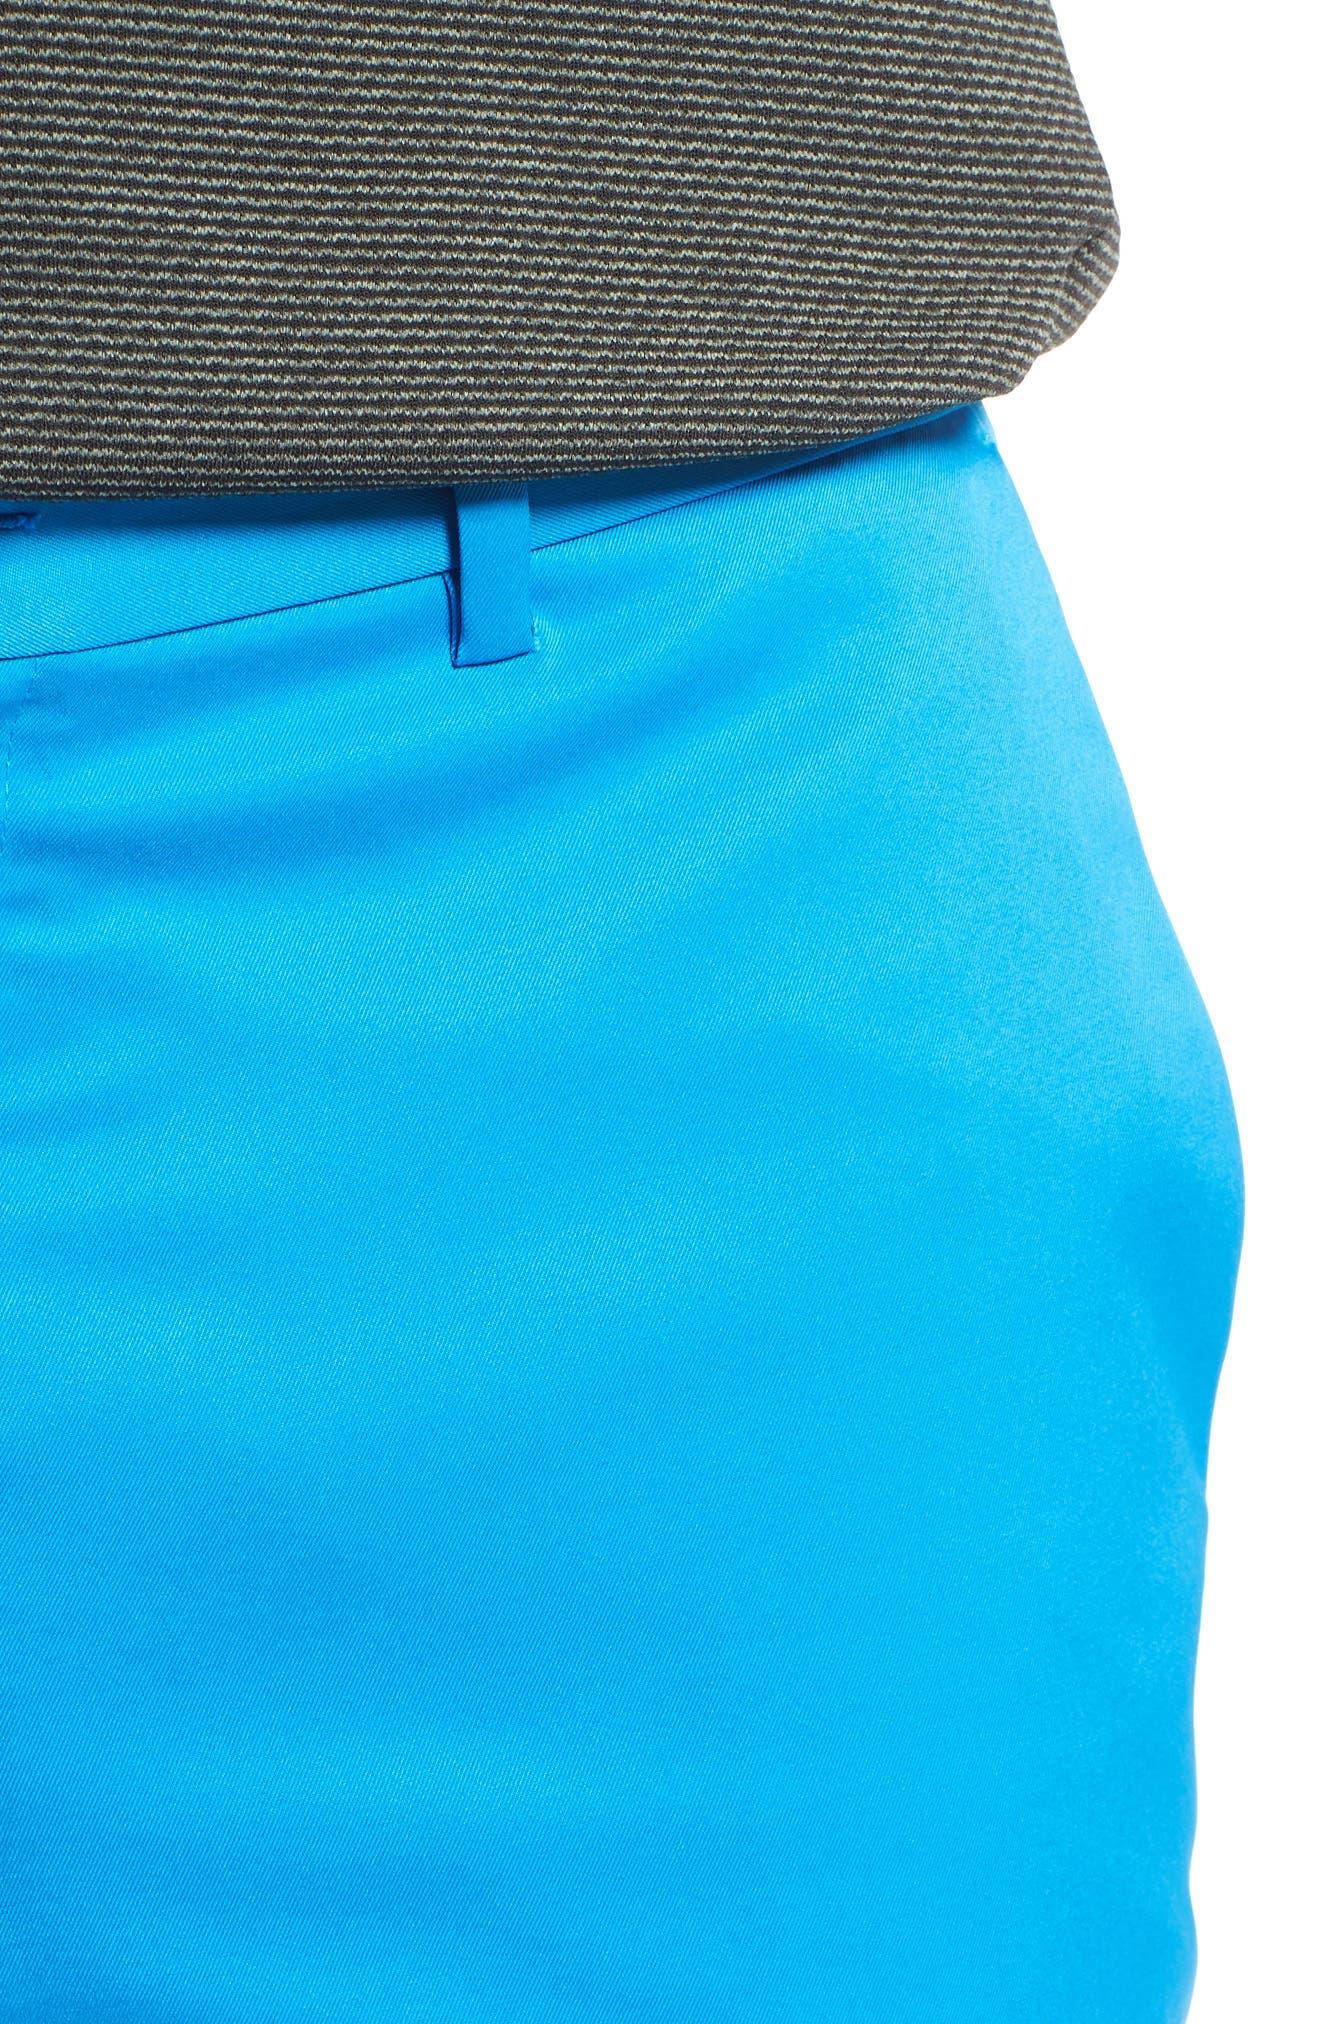 Flat Front Dri-FIT Tech Golf Pants,                             Alternate thumbnail 32, color,